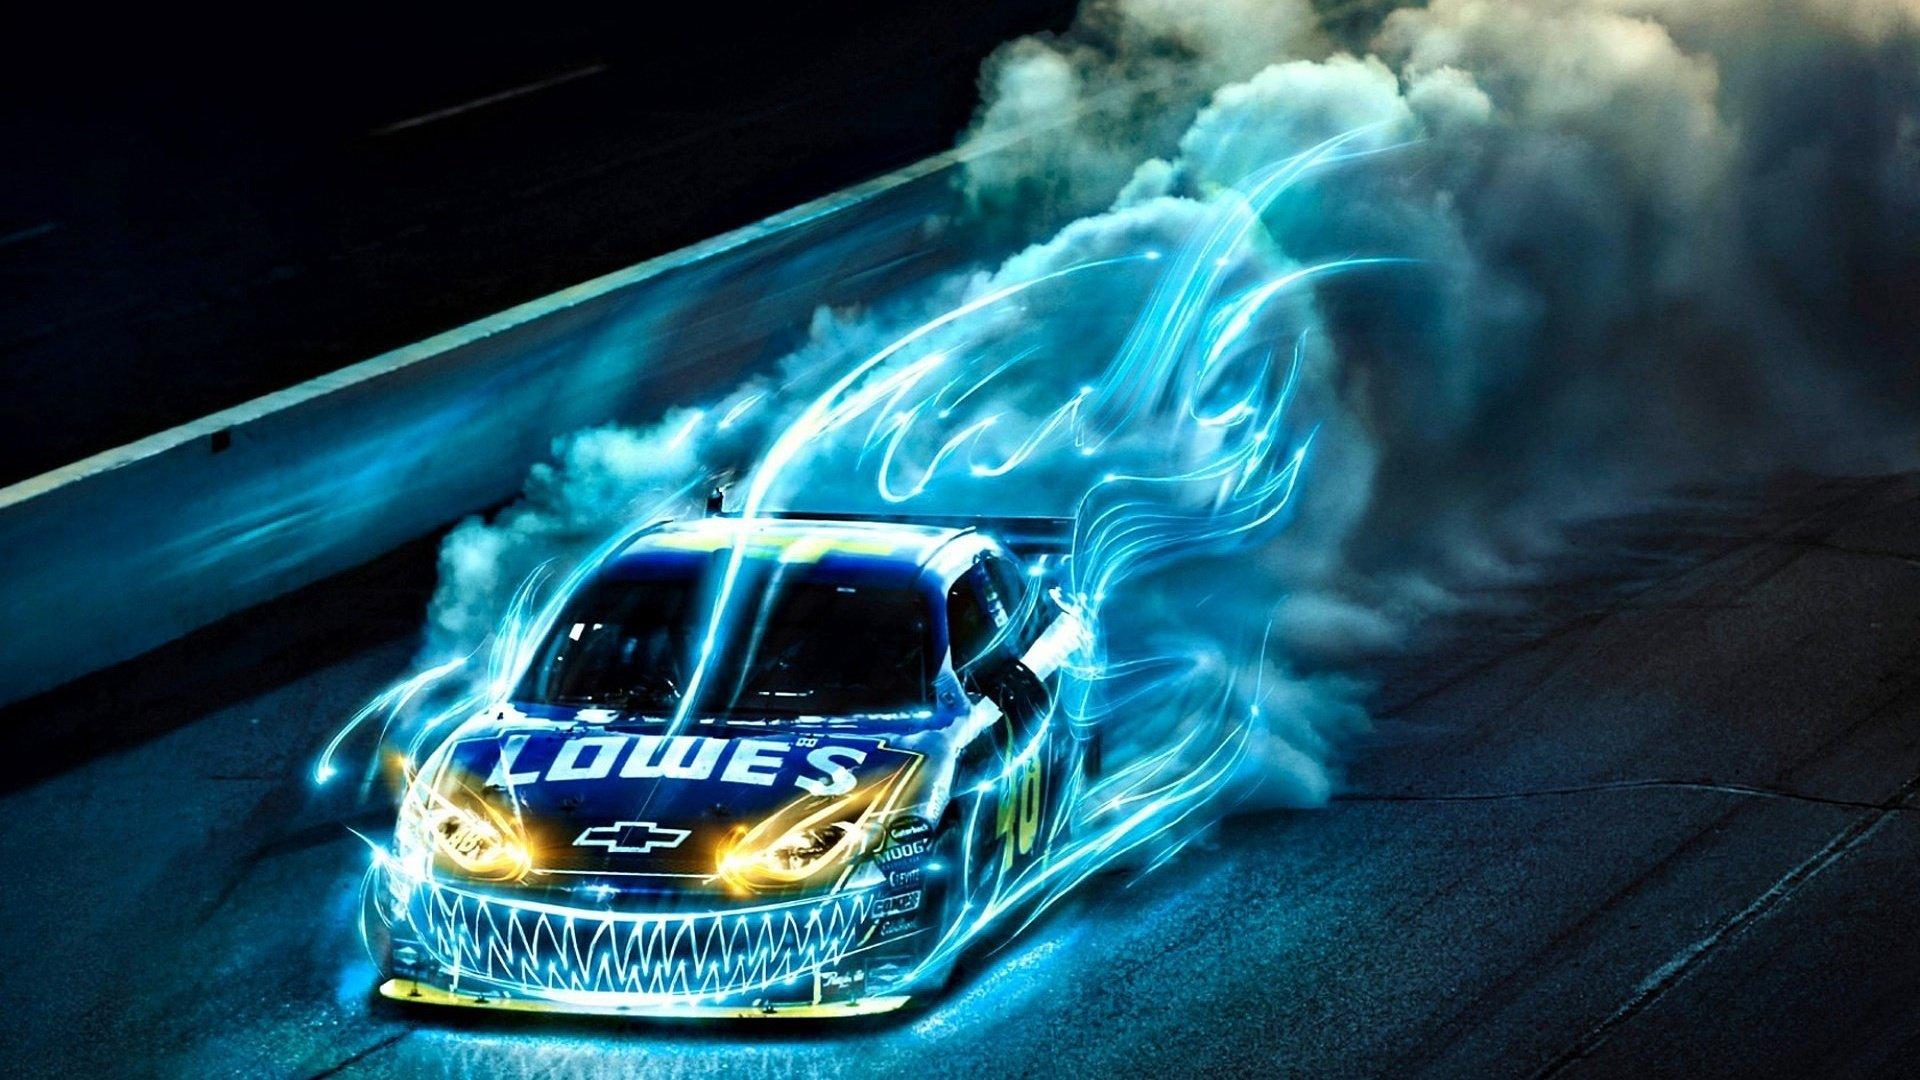 развлекательных крутые картинки с машинами гоночными украсить дополнить